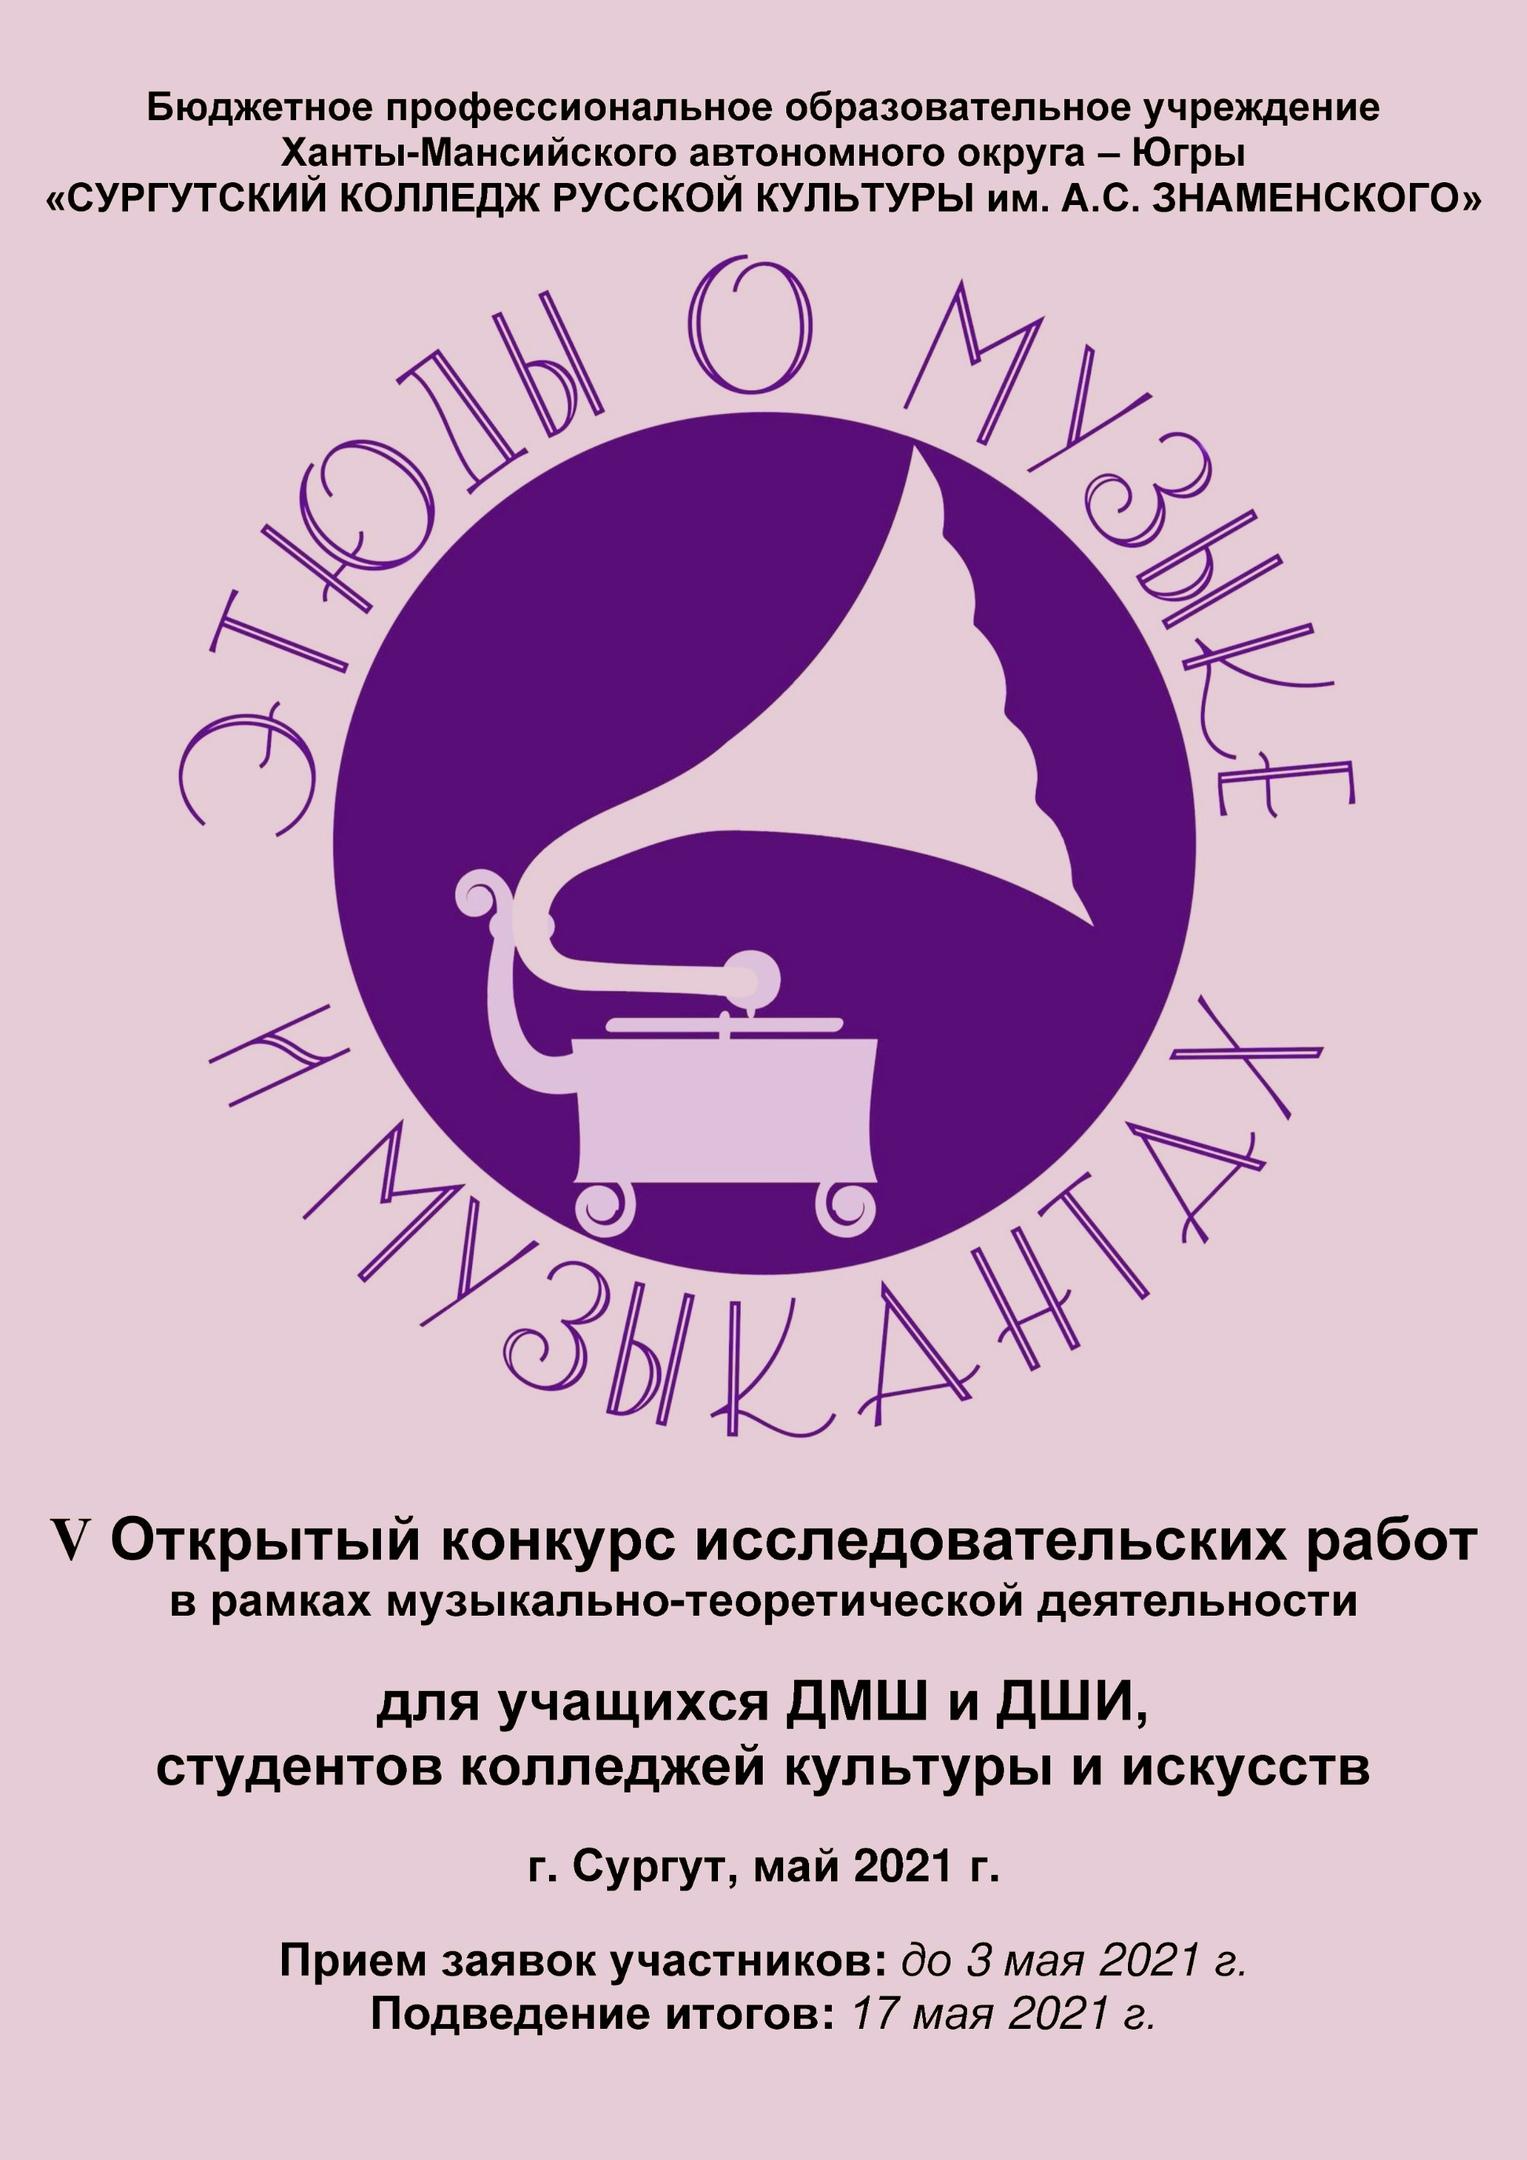 ОБ ИТОГАХ ВСЕРОССИЙСКОГО КОНКУРСА ИССЛЕДОВАТЕЛЬСКИХ РАБОТ «ЭТЮДЫ О МУЗЫКЕ И МУЗЫКАНТАХ»